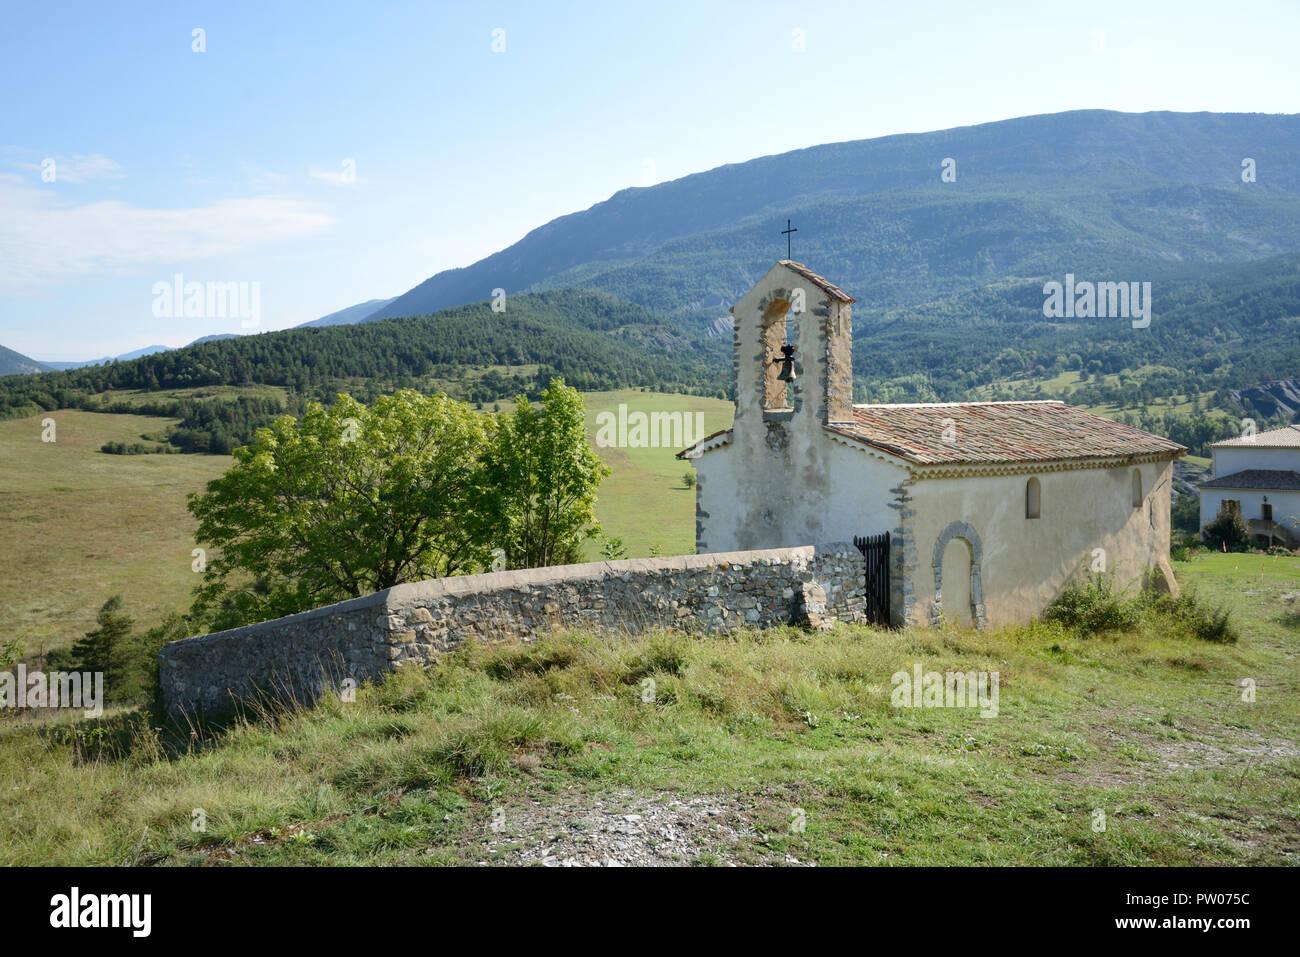 Chapelle de Méouilles or Rural Chapel of Meouilles Saint André-les-Alpes Alpes-de-Haute-Provence Provence France - Stock Image